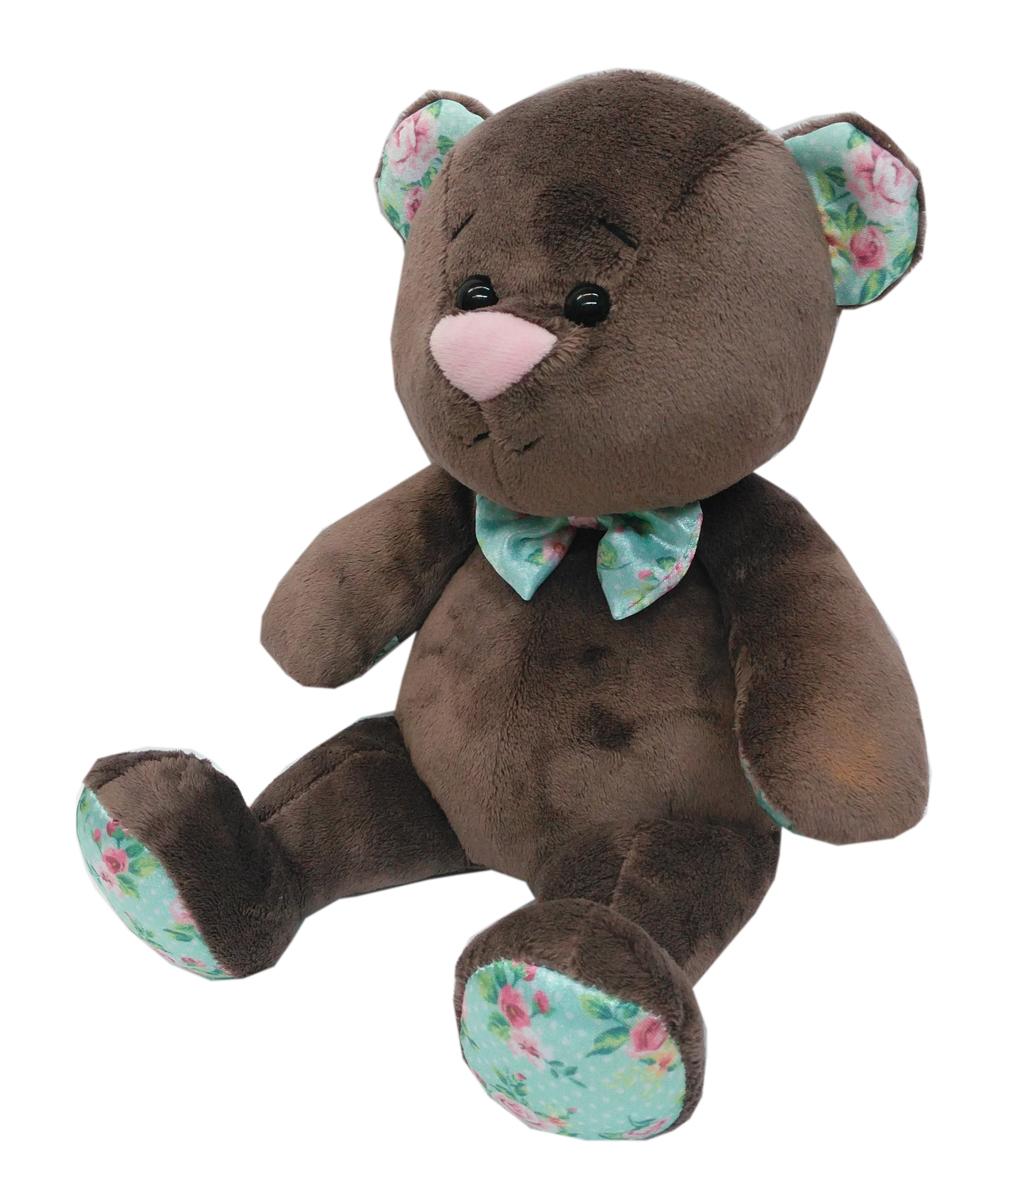 СмолТойс Мягкая игрушка Медвежонок Тедди 30 см смолтойс мягкая игрушка зайка даша цвет салатовый 41 см